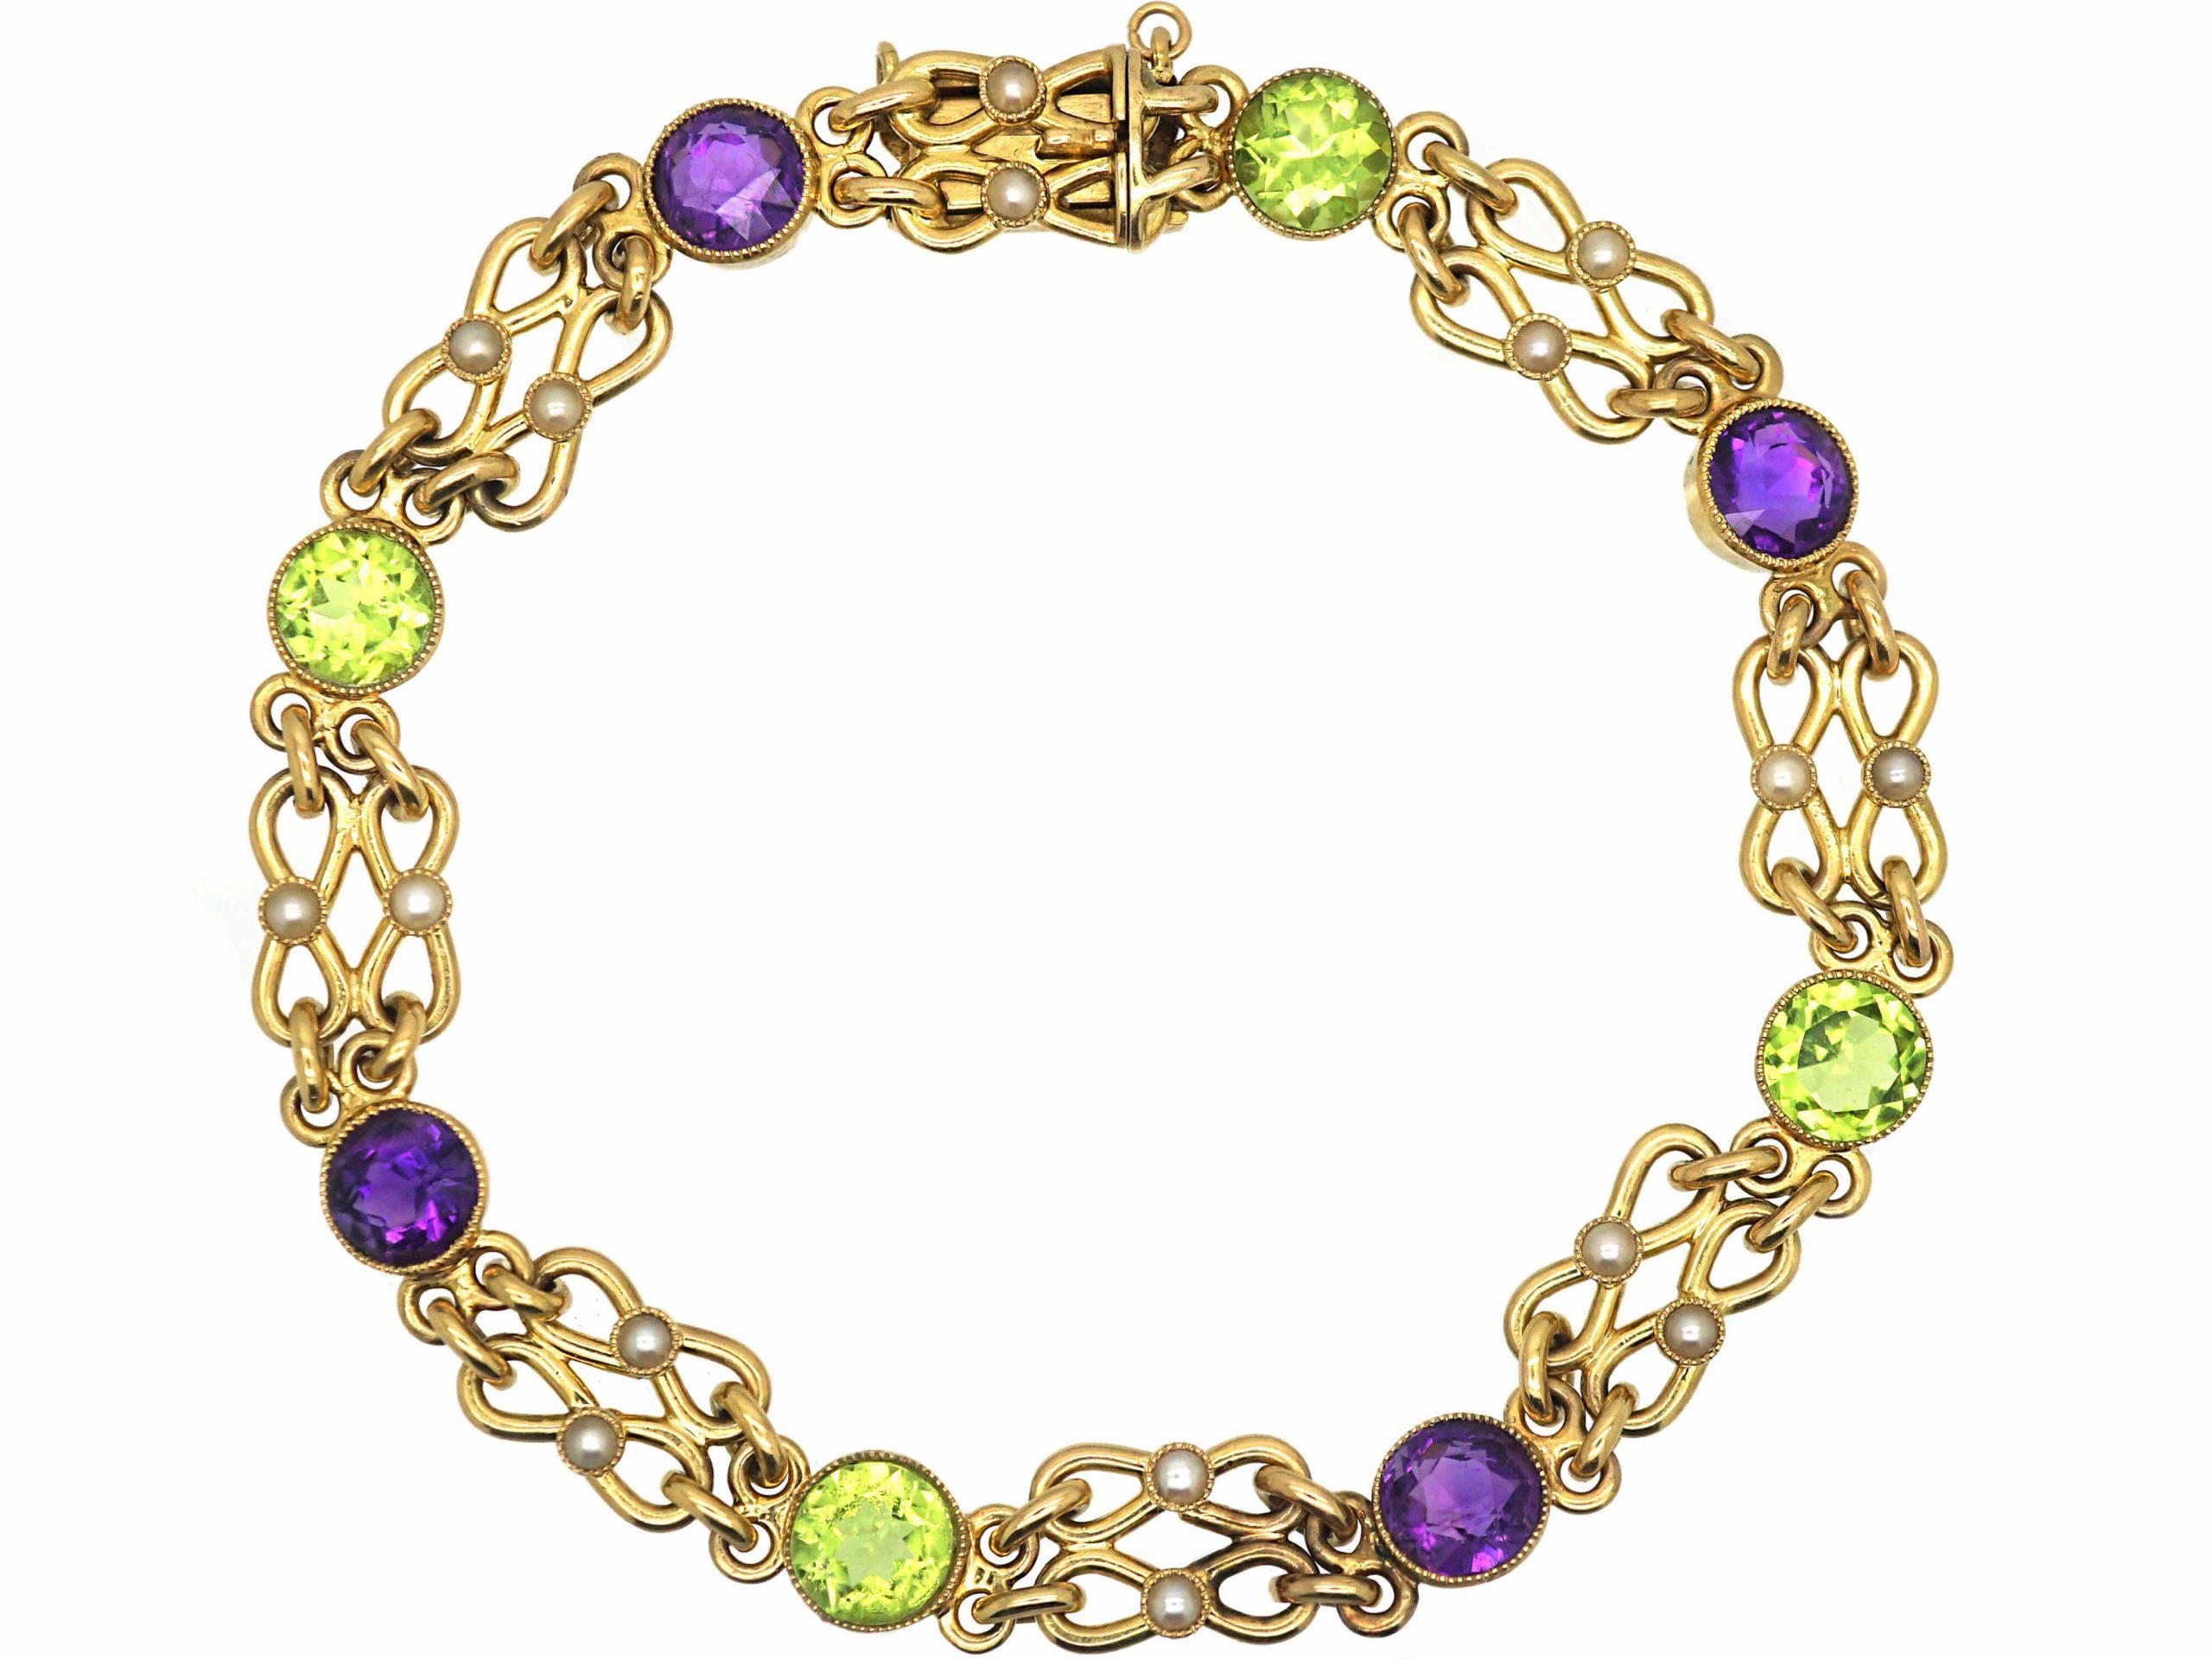 Edwardian 15ct Gold Suffragette Bracelet